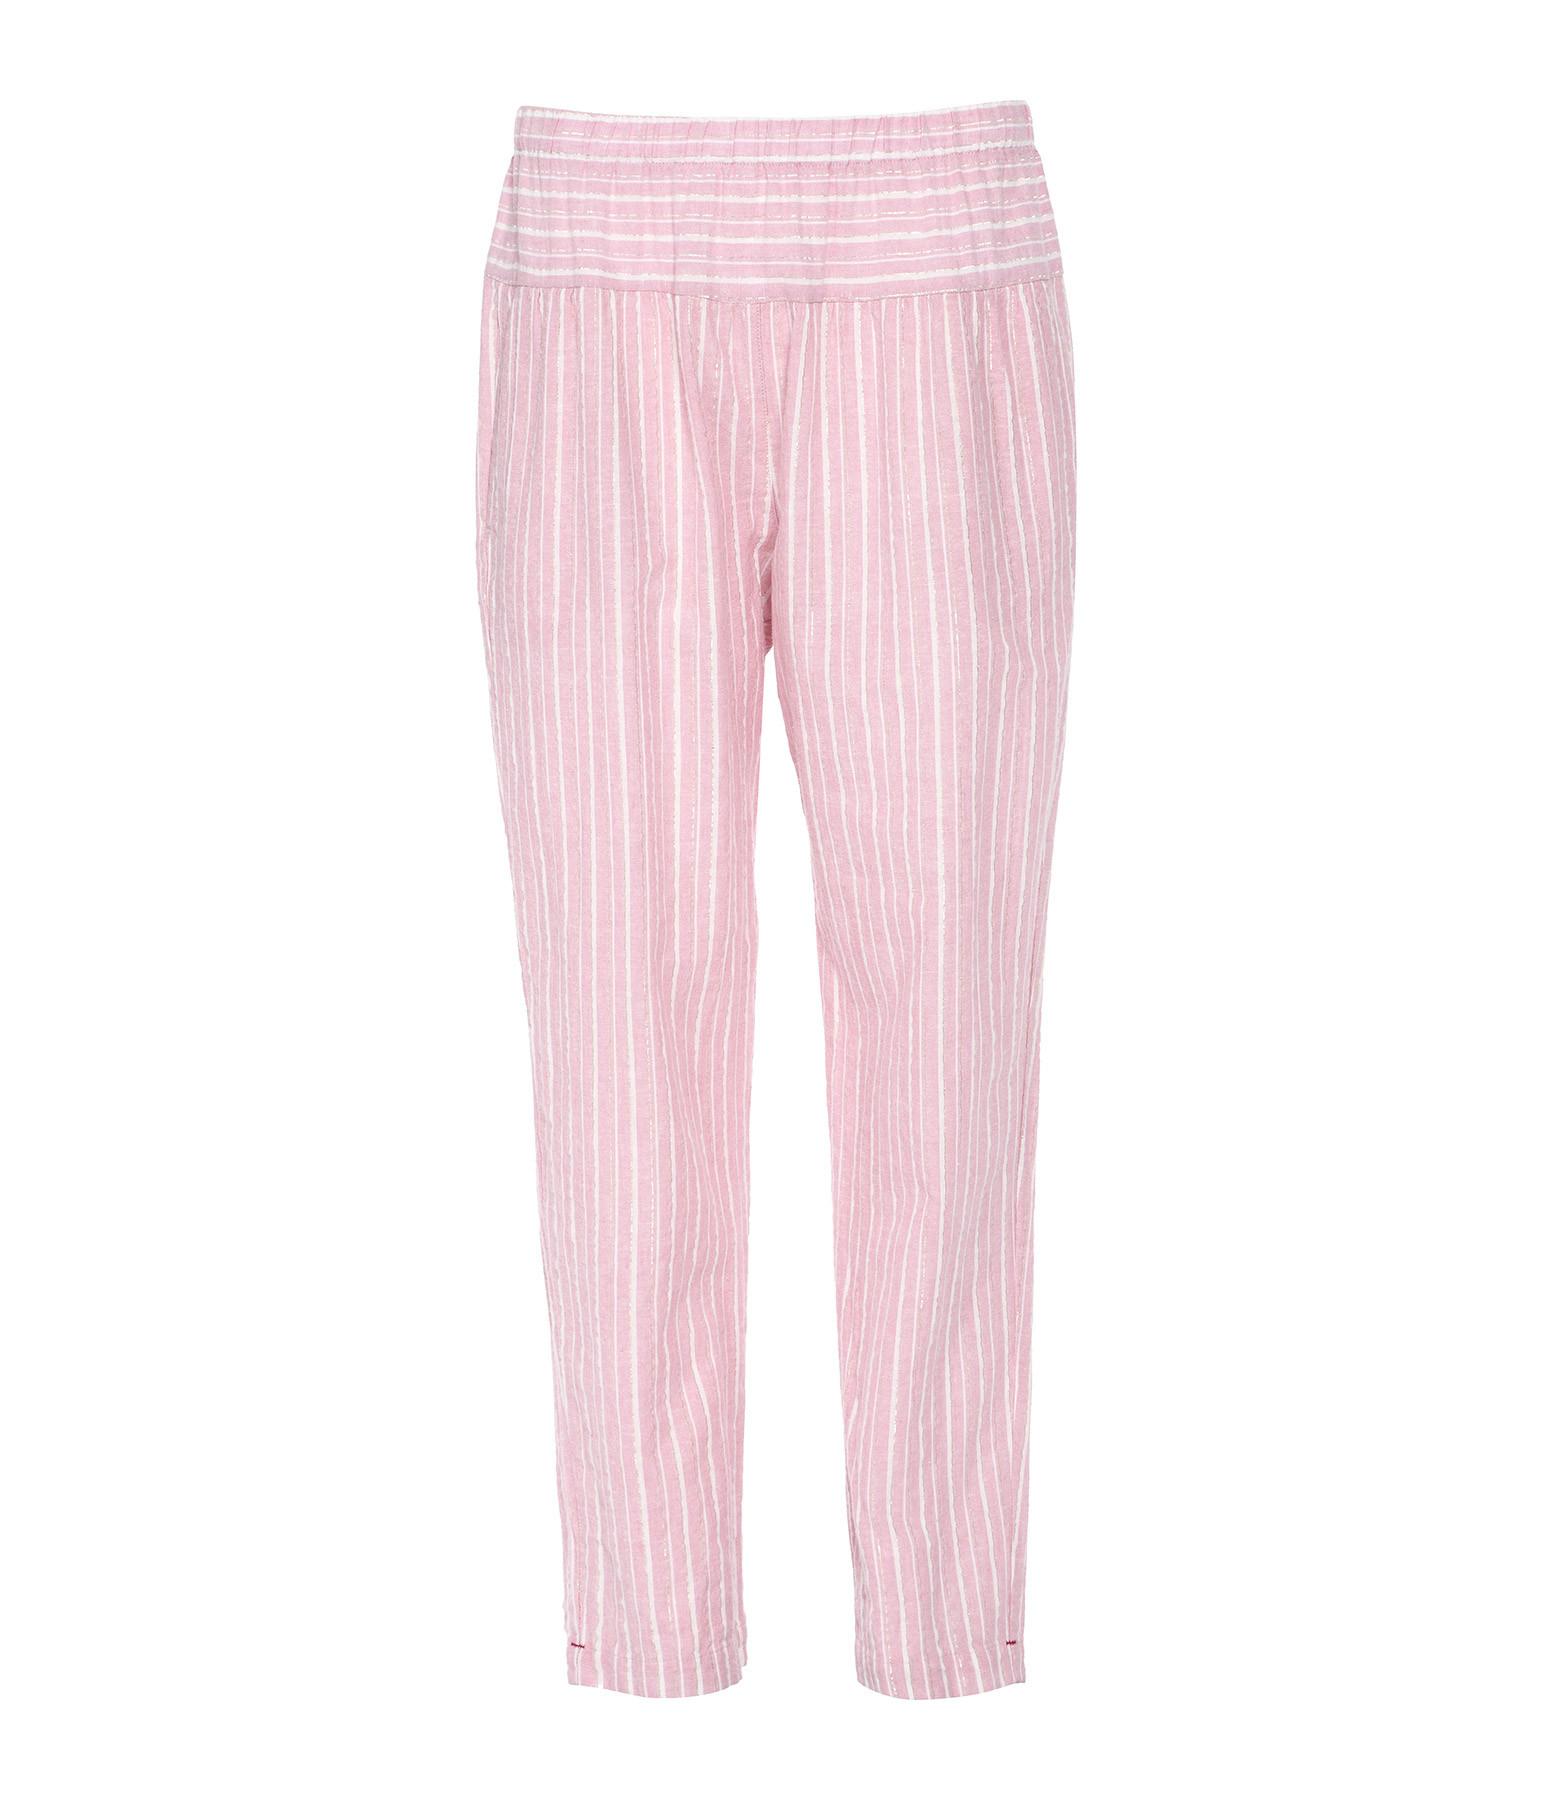 XIRENA - Pantalon Payton Rose Doré